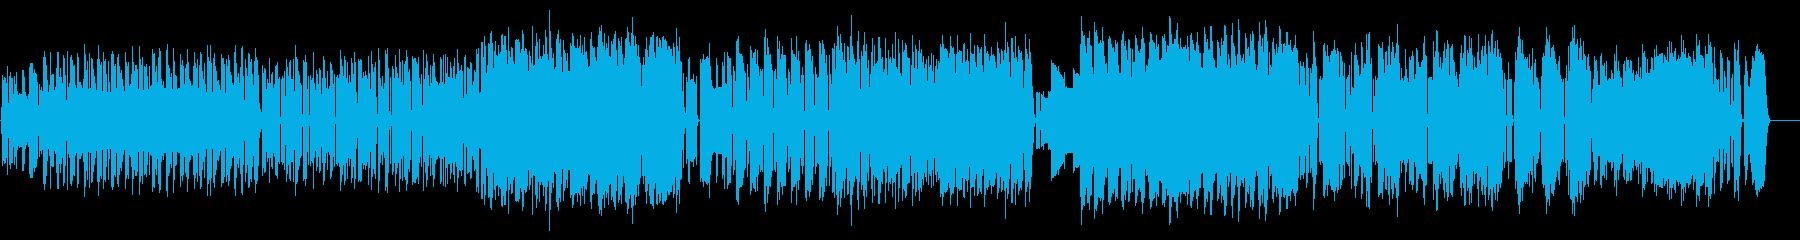 Uma Danceの再生済みの波形